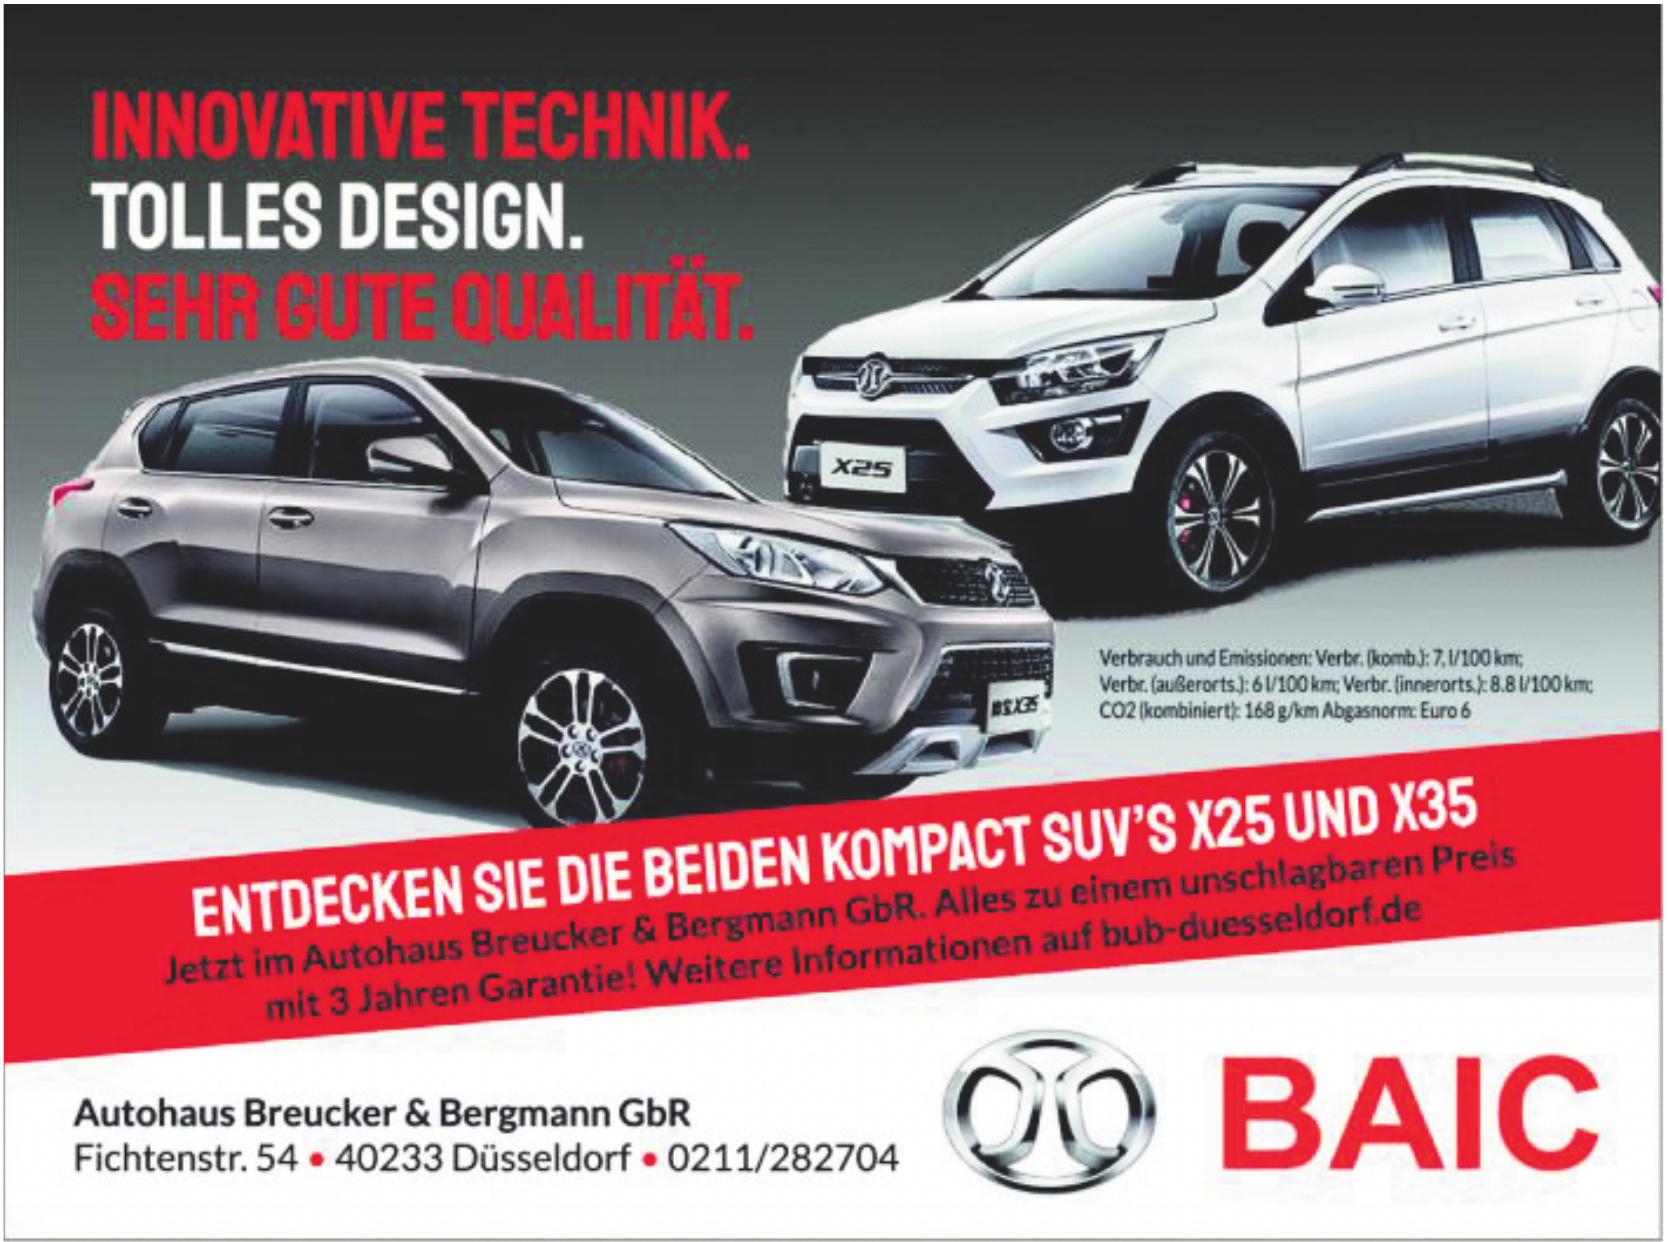 Autohaus Breucker & Bergmann GbR